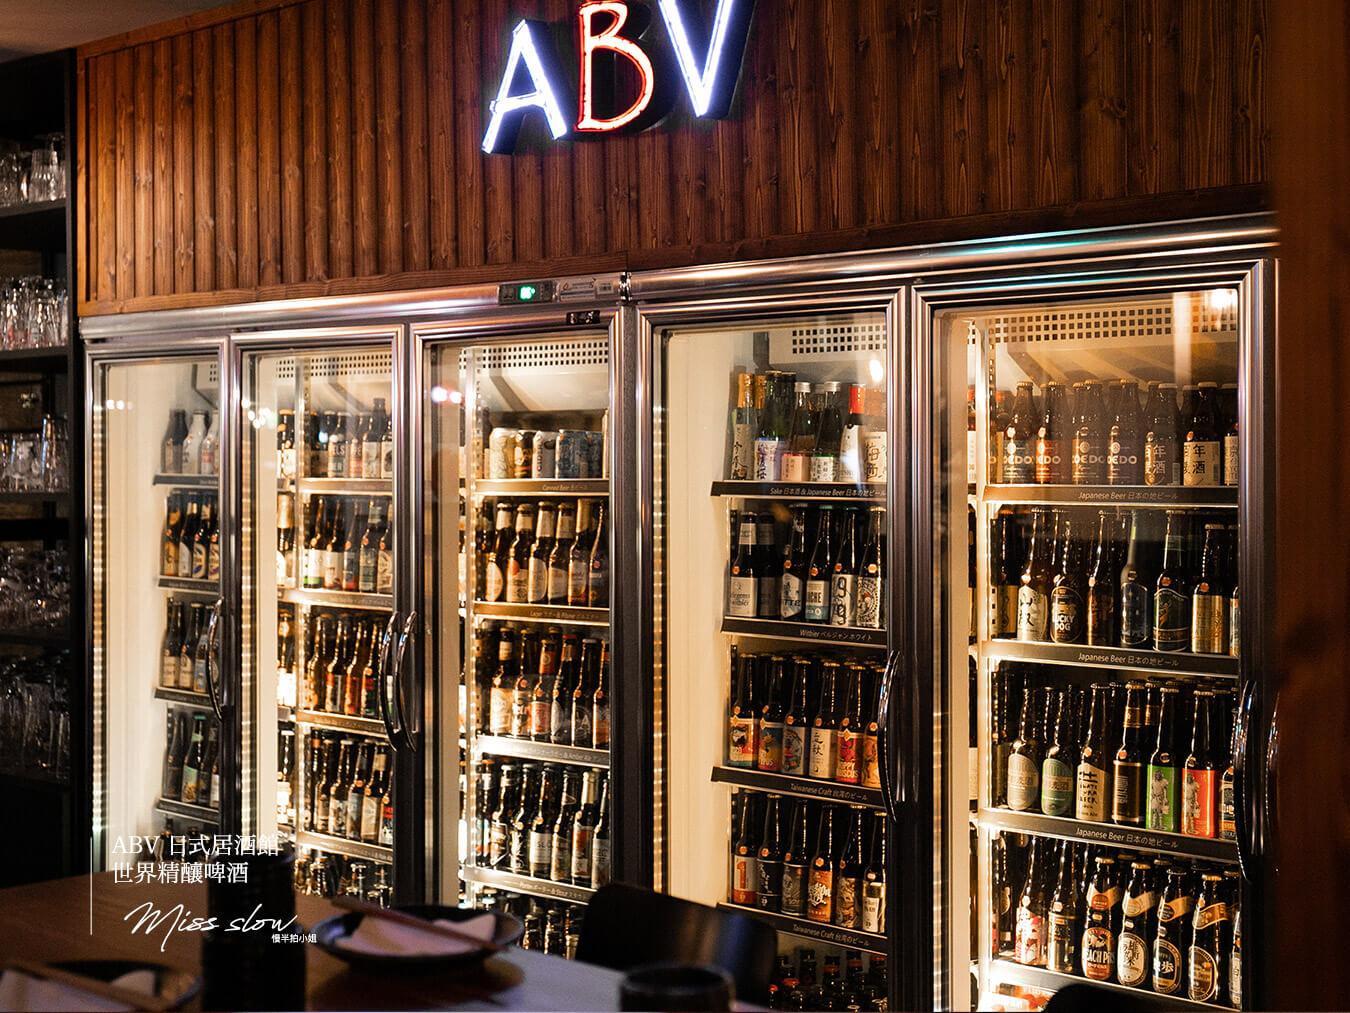 ABV日式居酒館_啤酒櫃